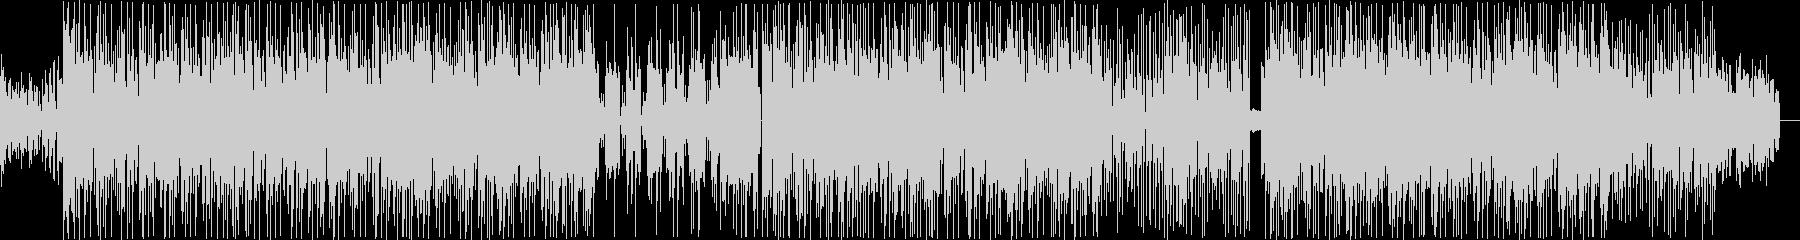 ファンク系ビートの未再生の波形